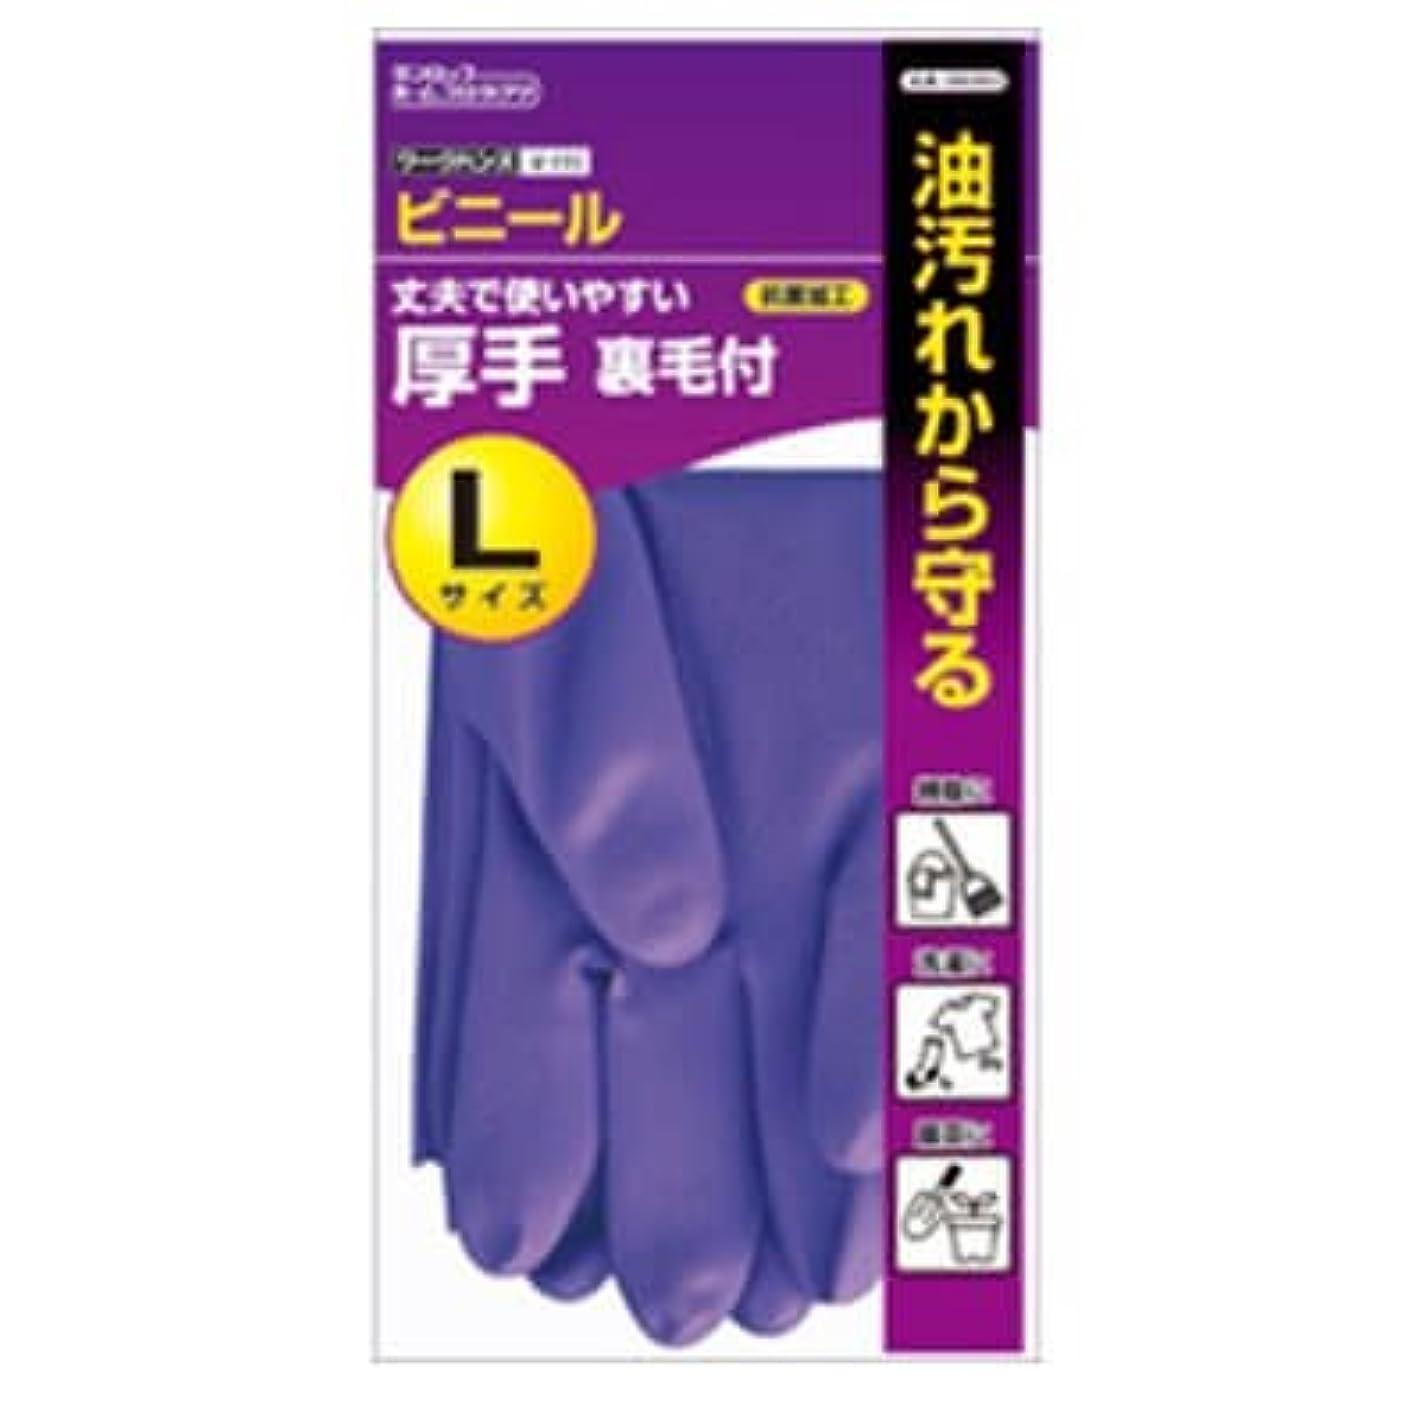 【ケース販売】 ダンロップ ワークハンズ V-111 ビニール厚手 L バイオレット (10双×12袋)